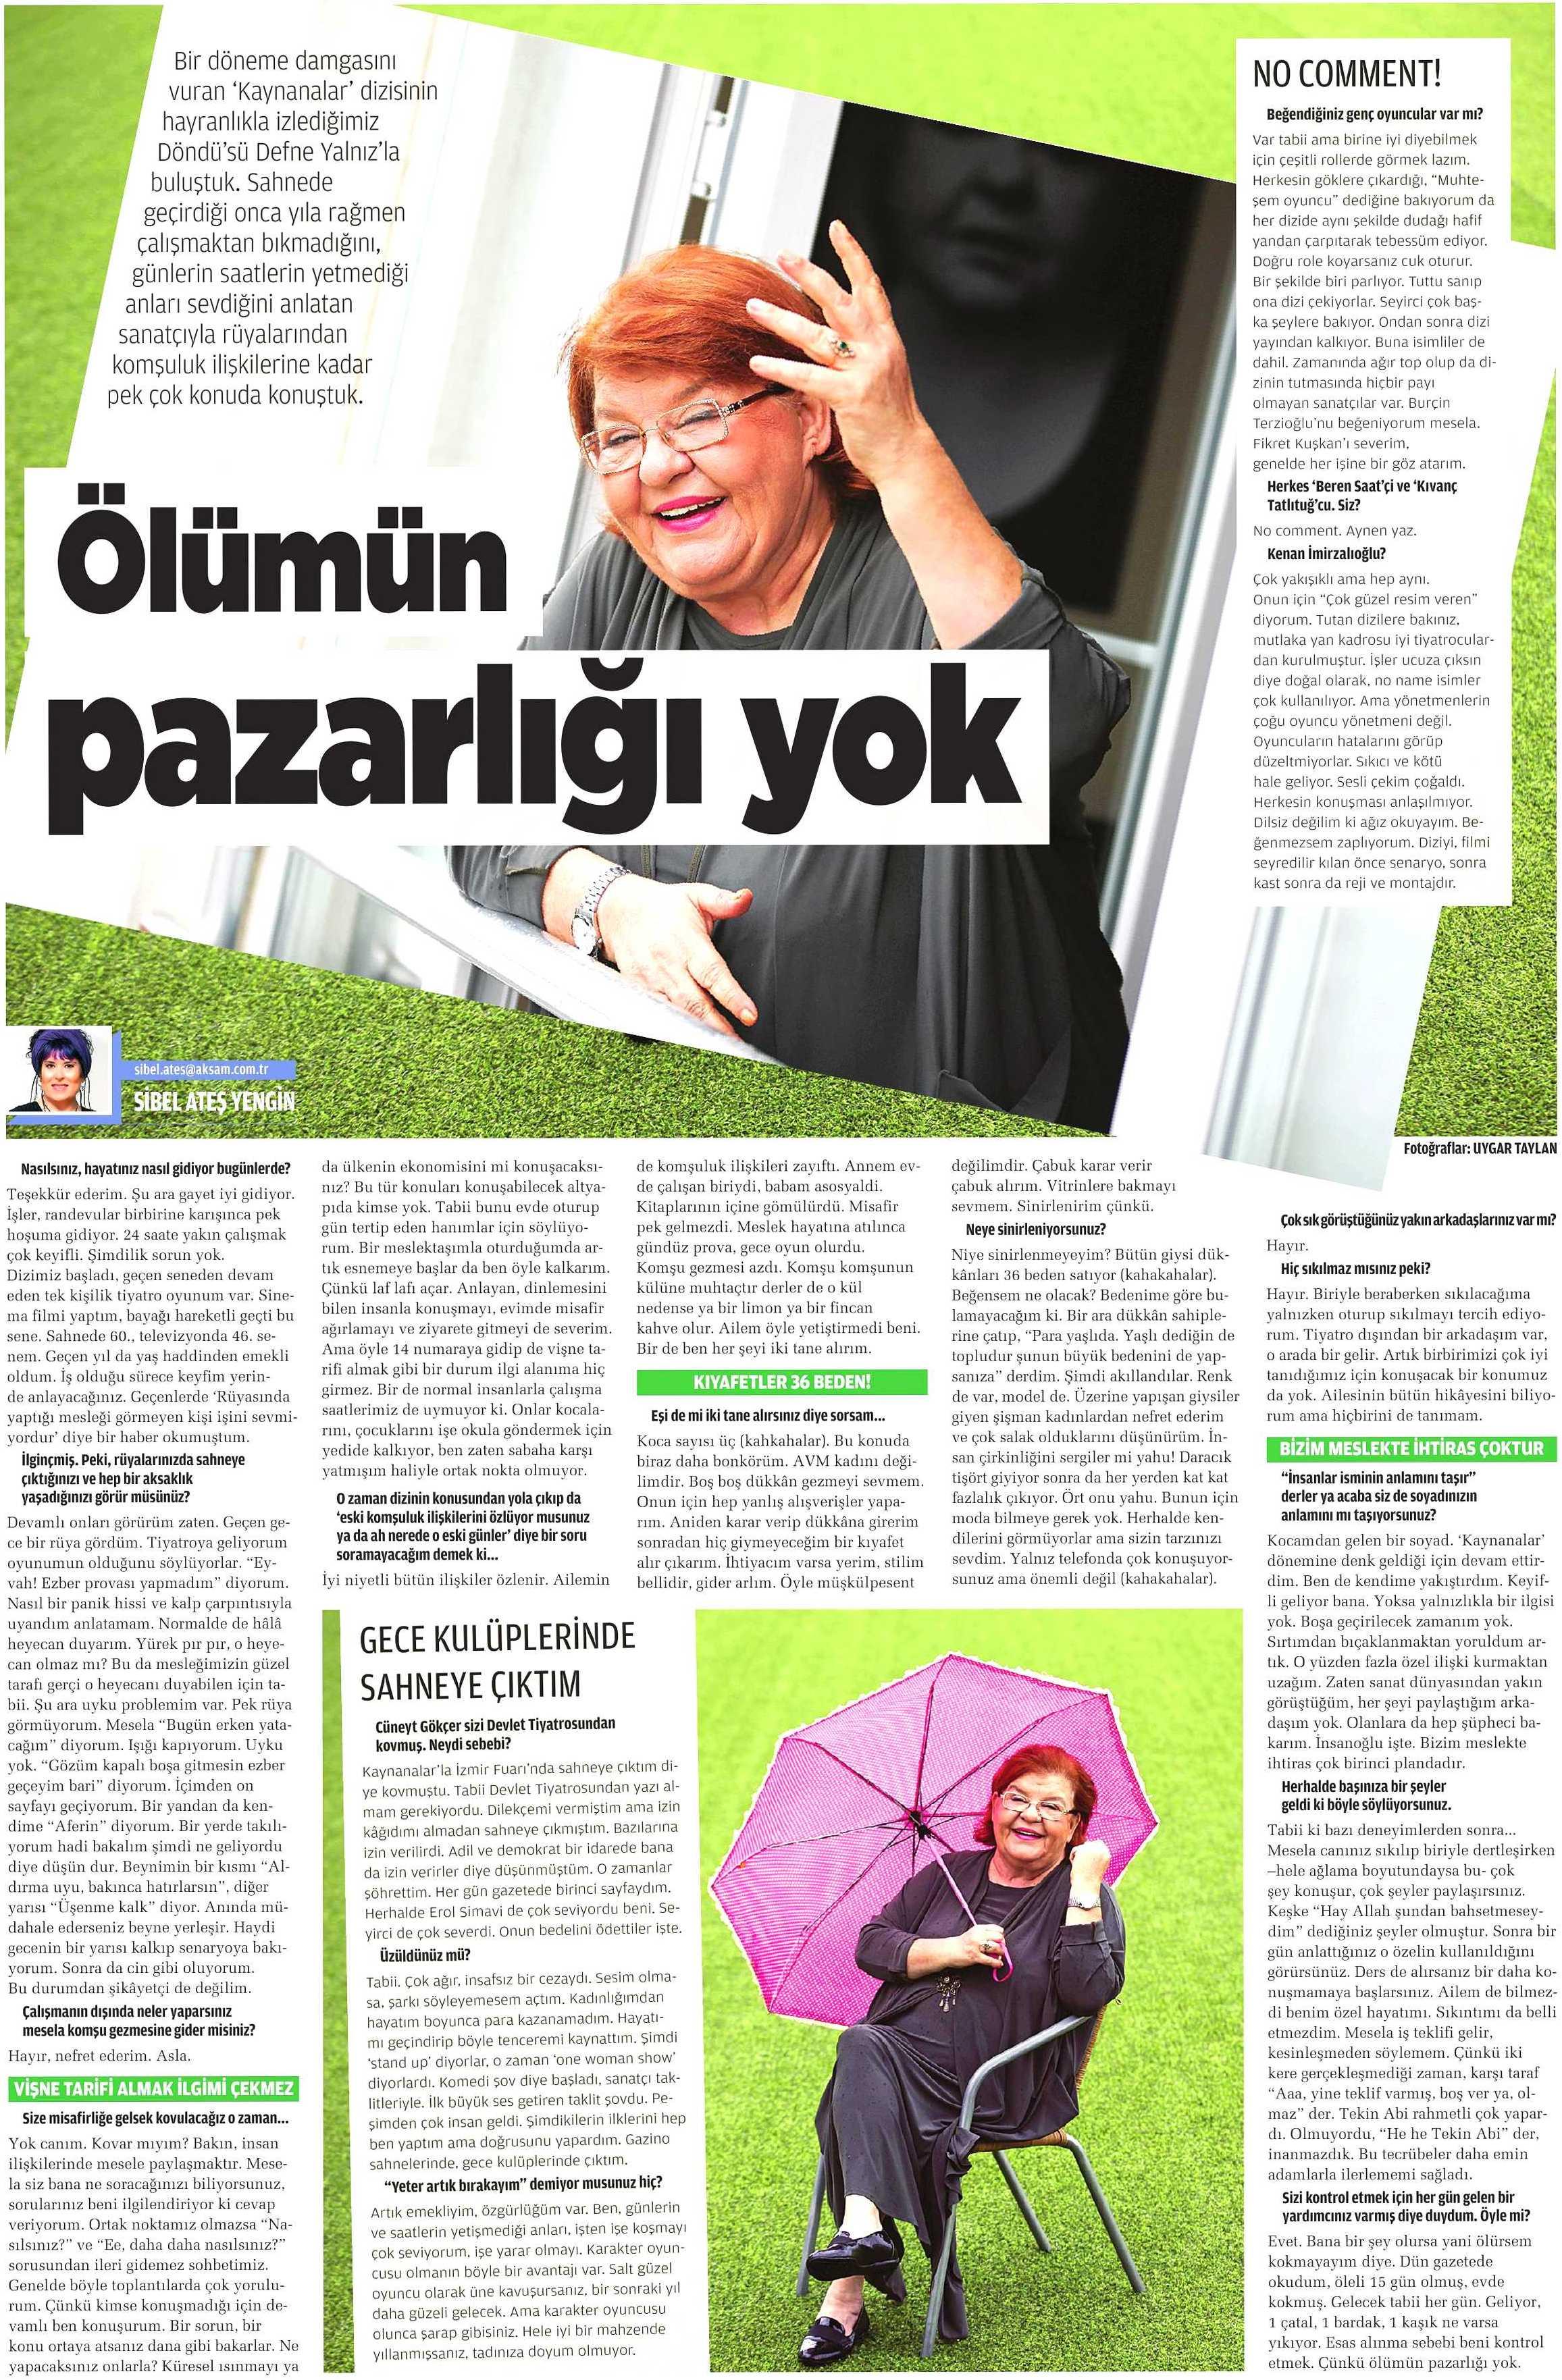 Defne Yalnız - Akşam Gazetesi Röportajı